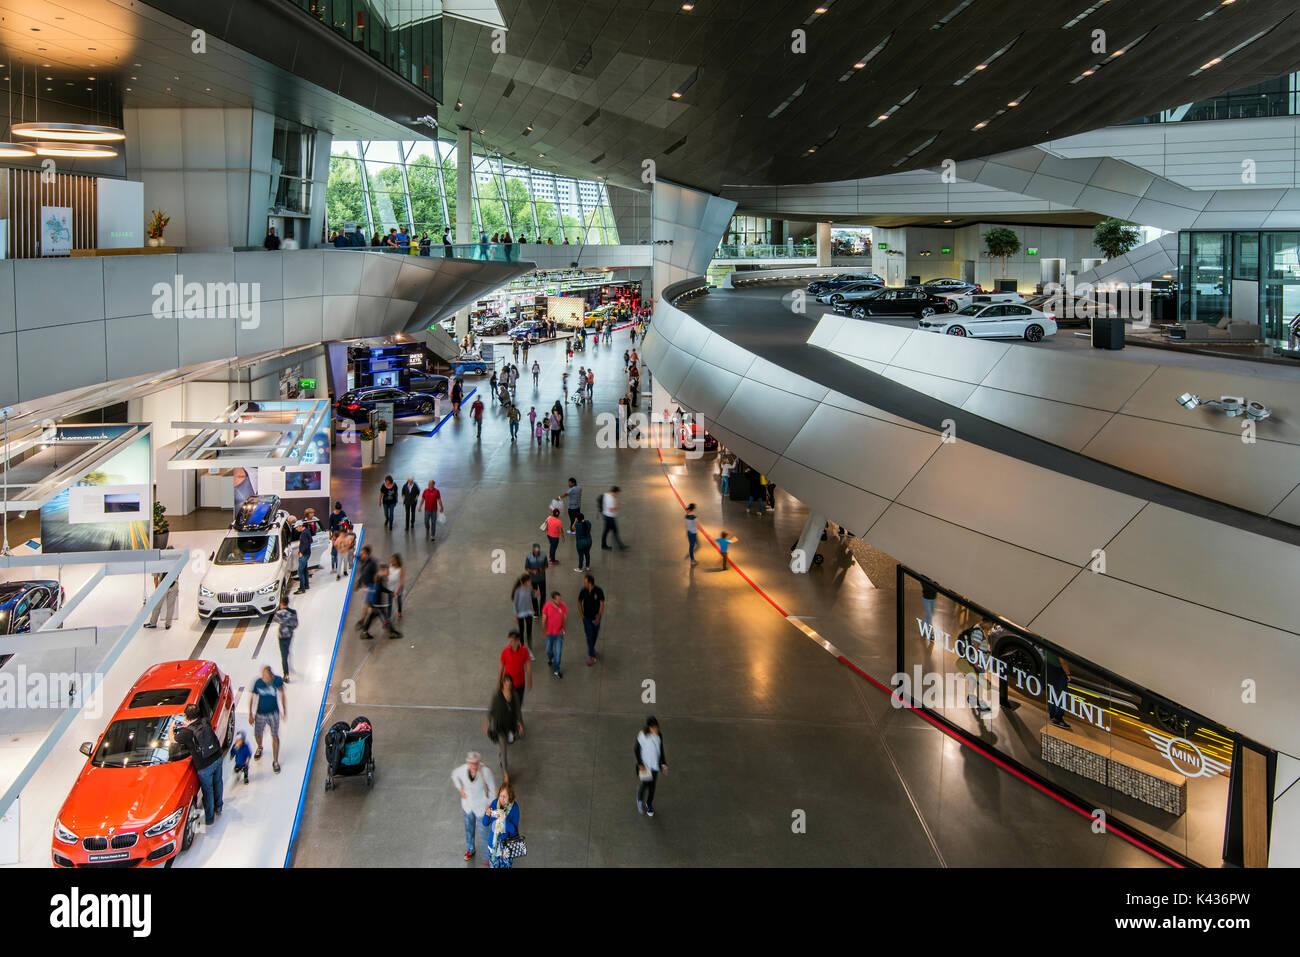 BMW Welt multi-use exhibition center, Munich, Bavaria, Germany - Stock Image